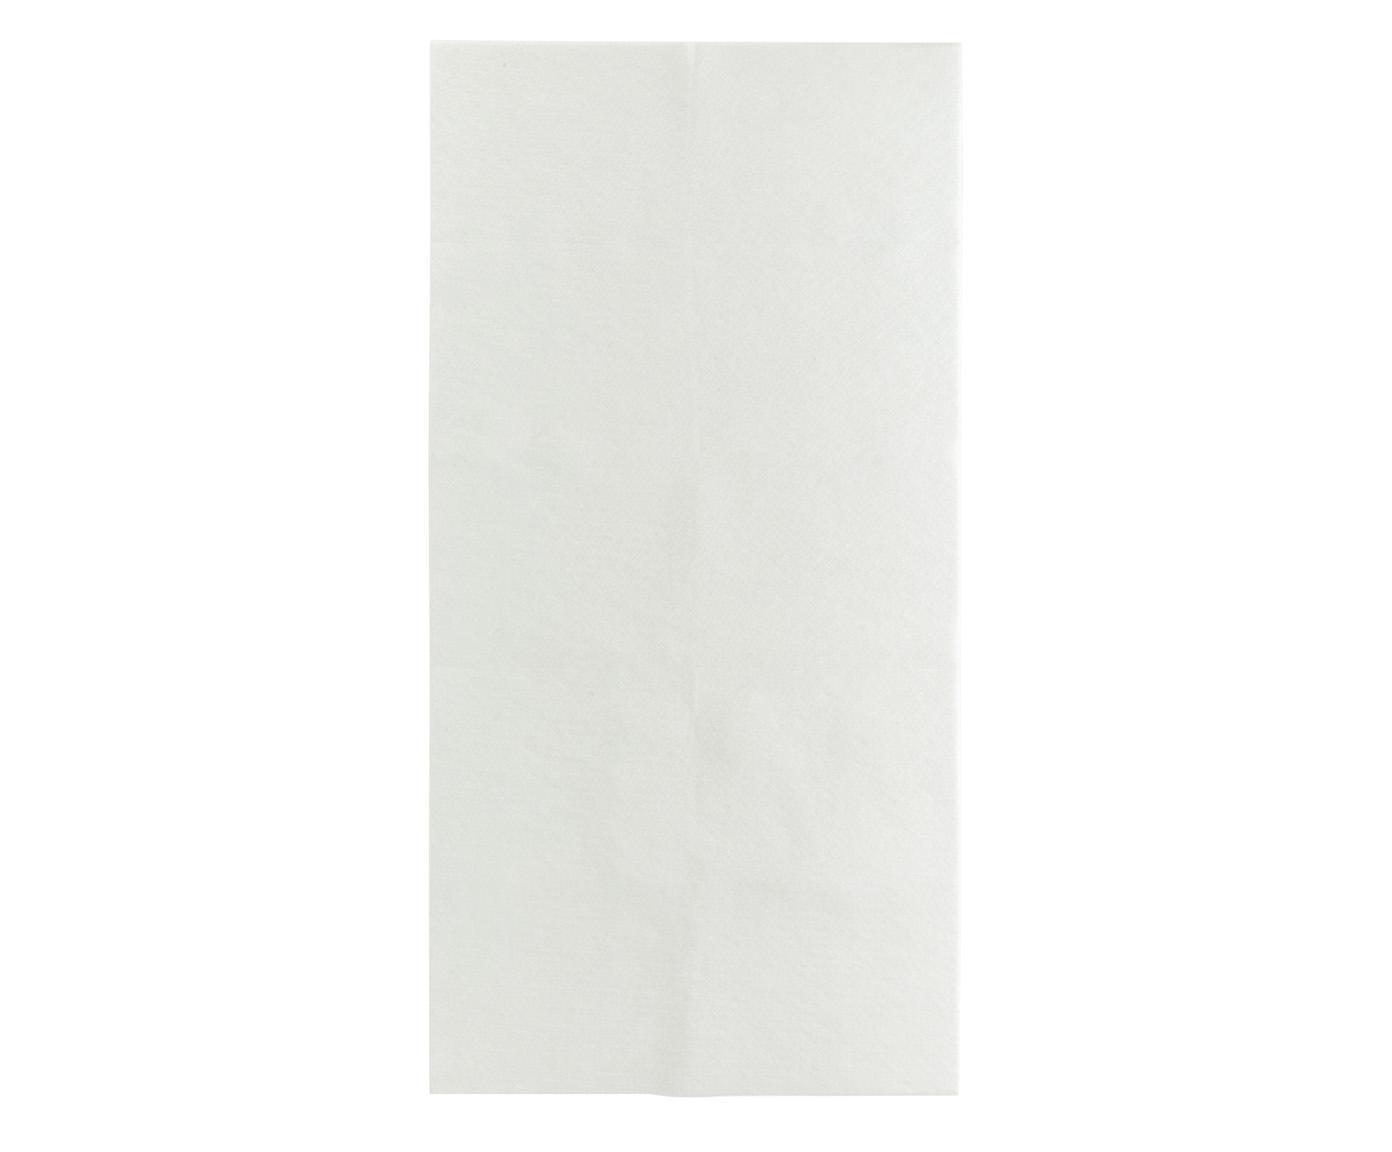 Onderlaag van vlies voor vloerkleed My Slip Stop van polyester vlies, Polyestervlies met anti-sliplaag, Lichtgrijs, 70 x 140 cm